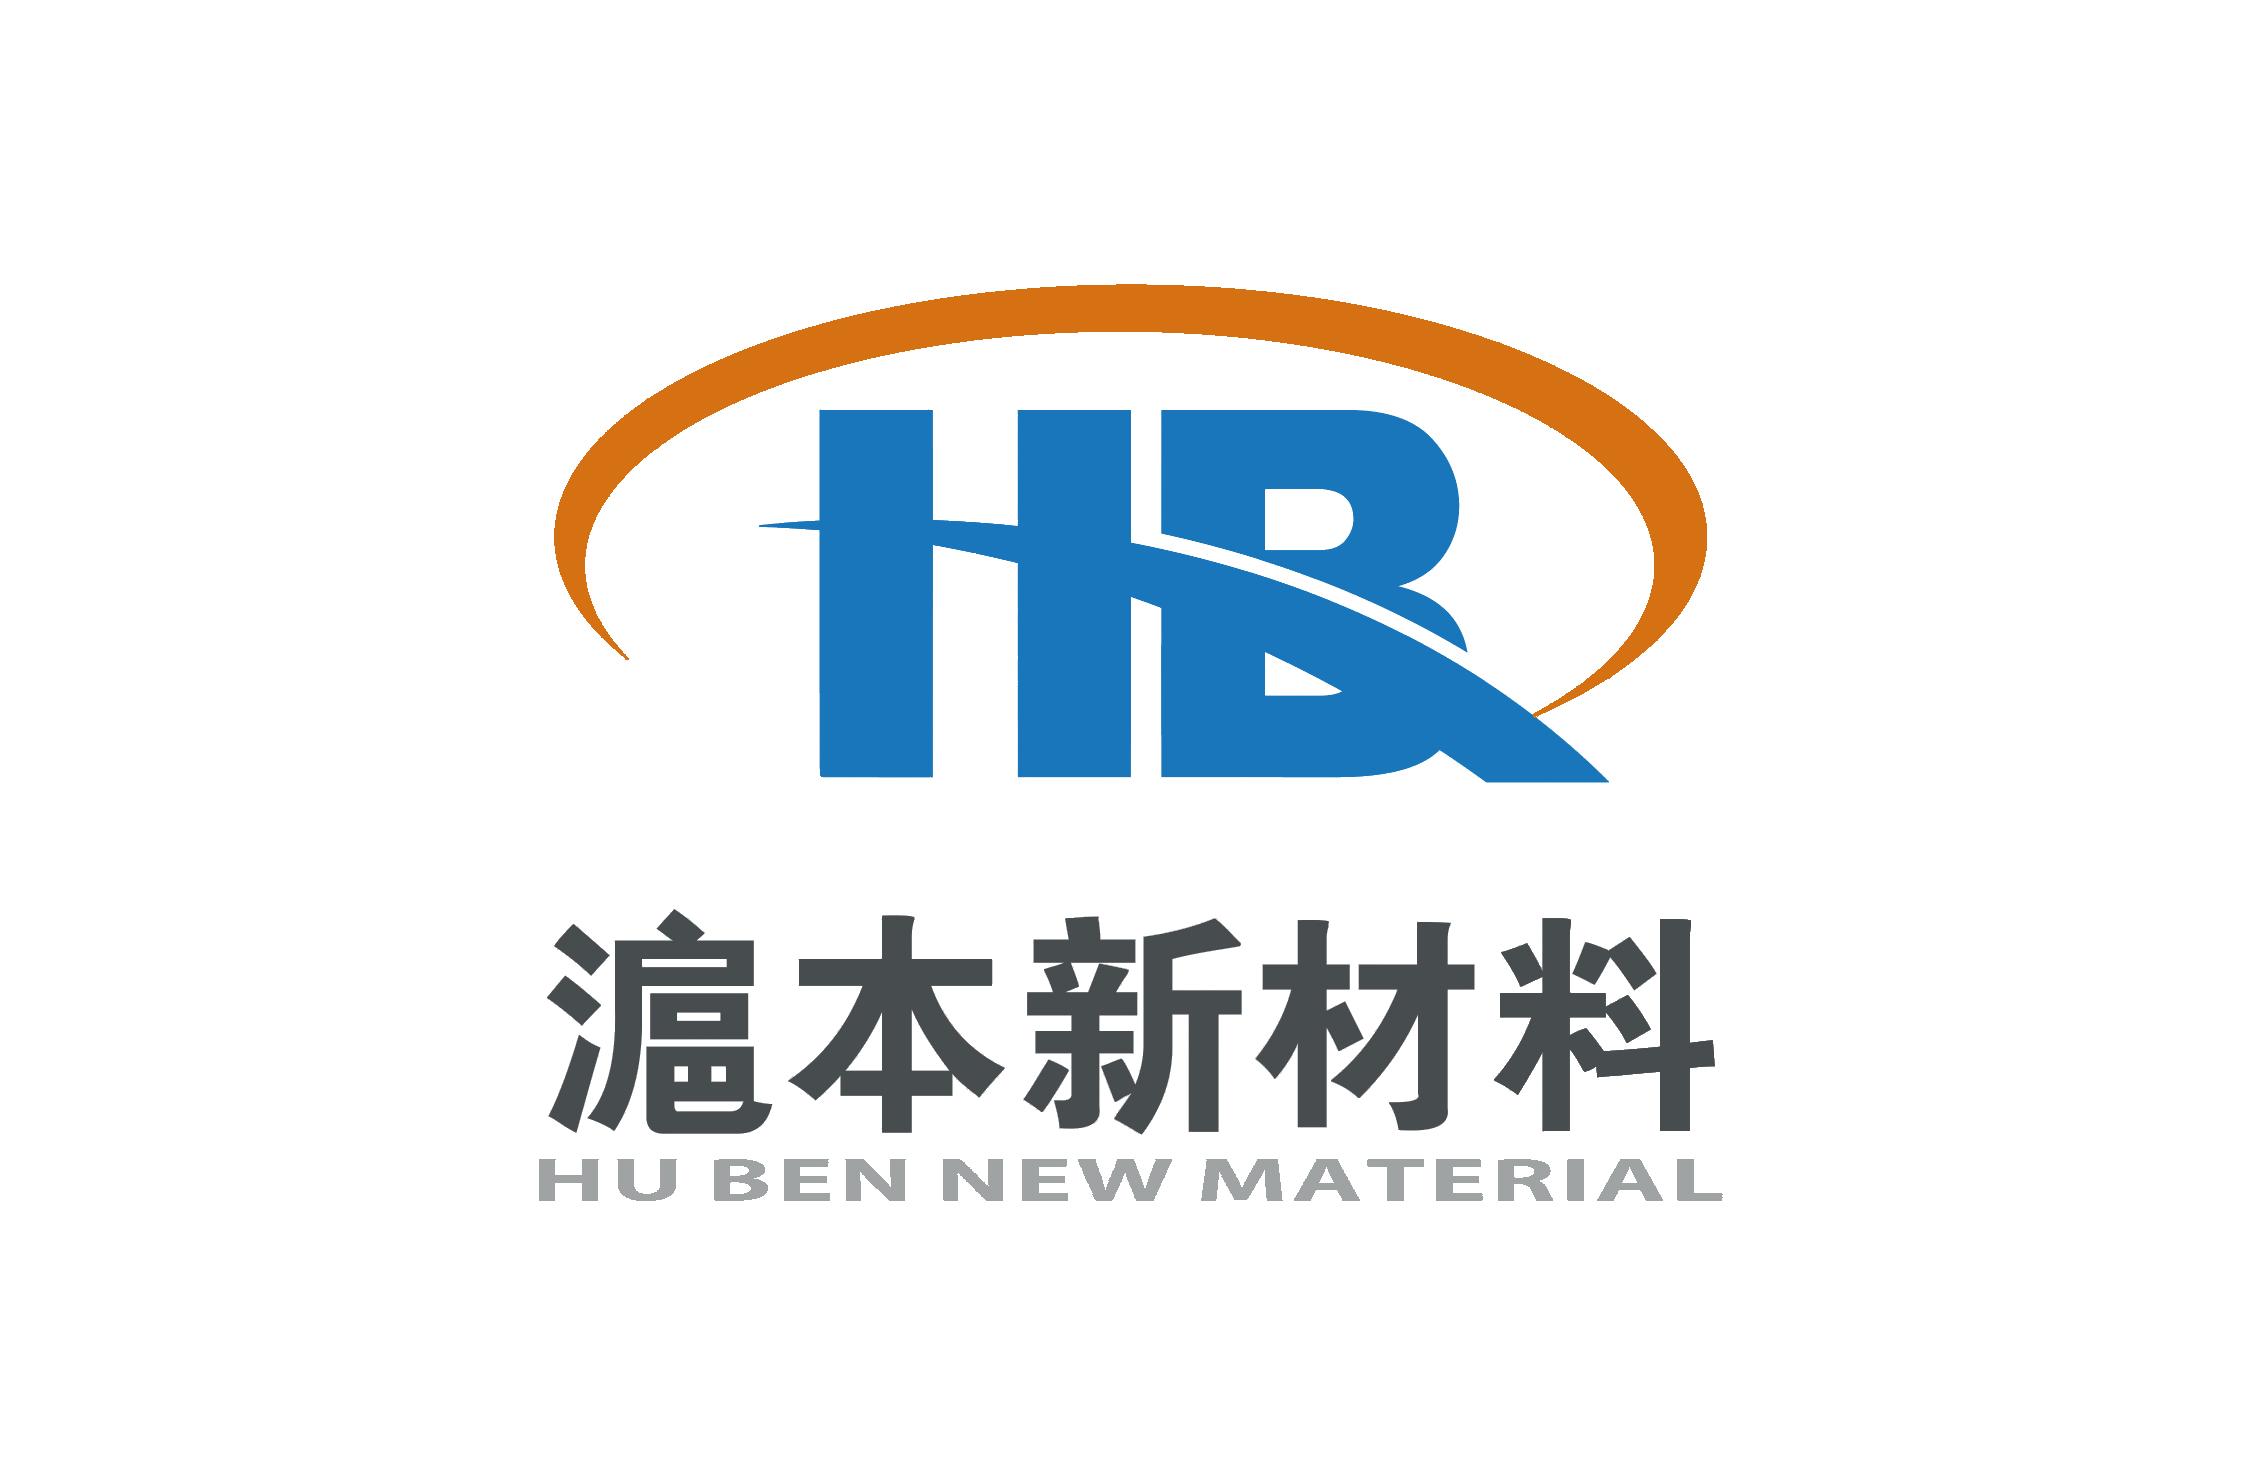 沪本新材料科技(上海)有限公司